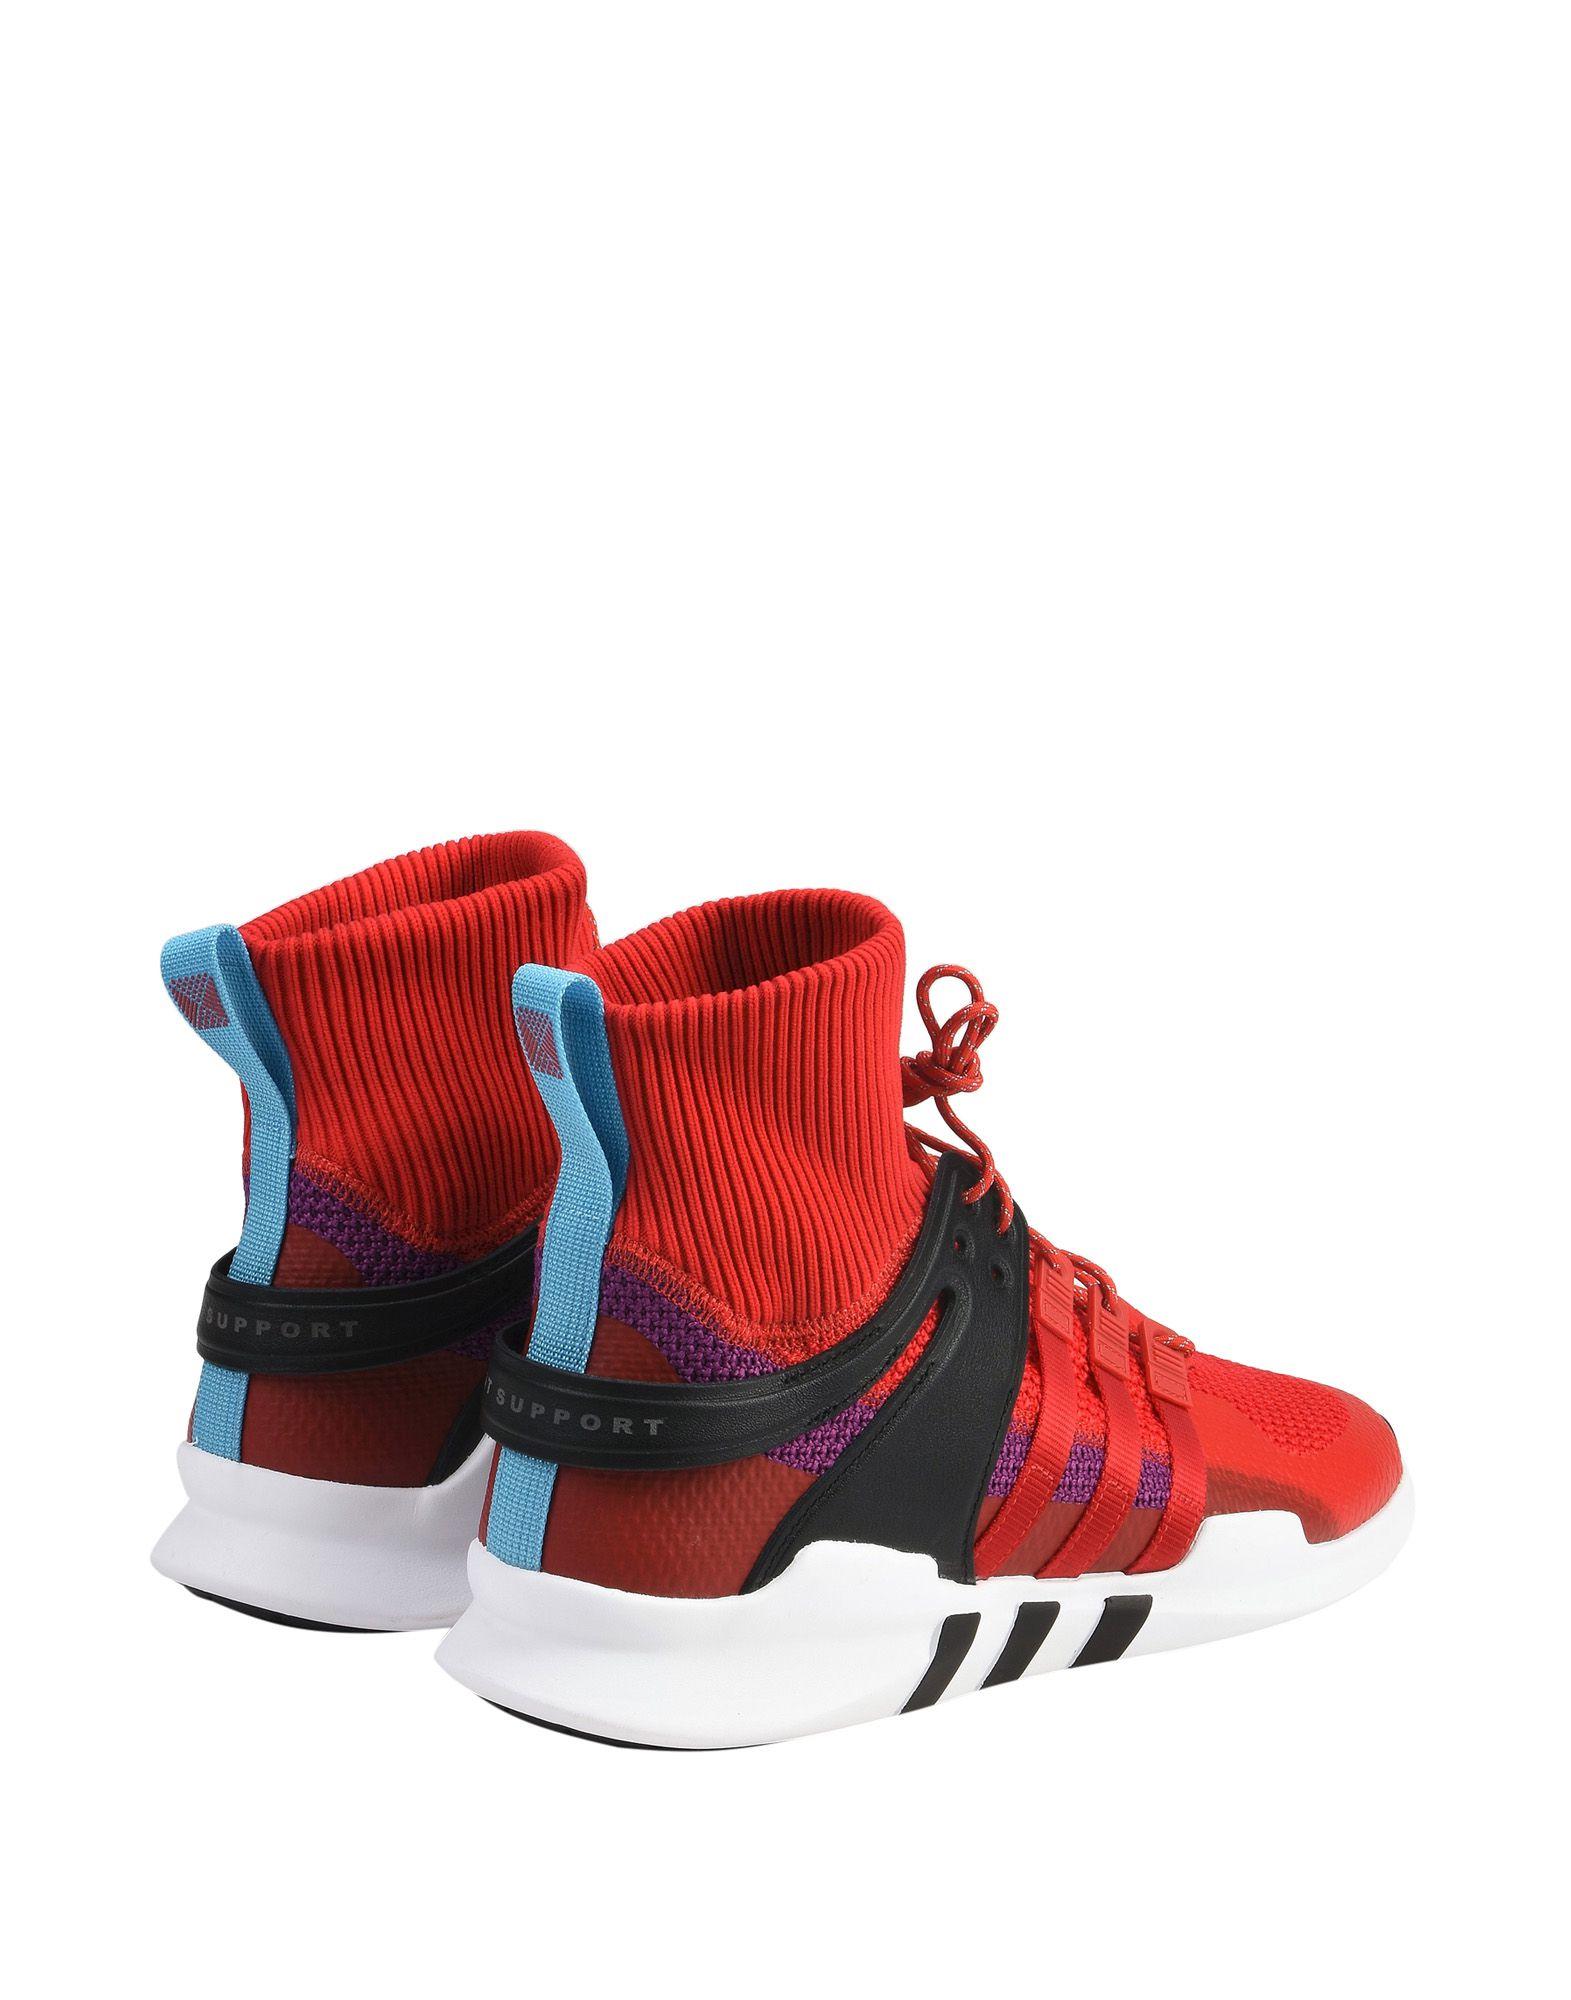 Rabatt echte Schuhe Wint Adidas Originals Eqt Support Adv Wint Schuhe  11387743XU 5f0ac3